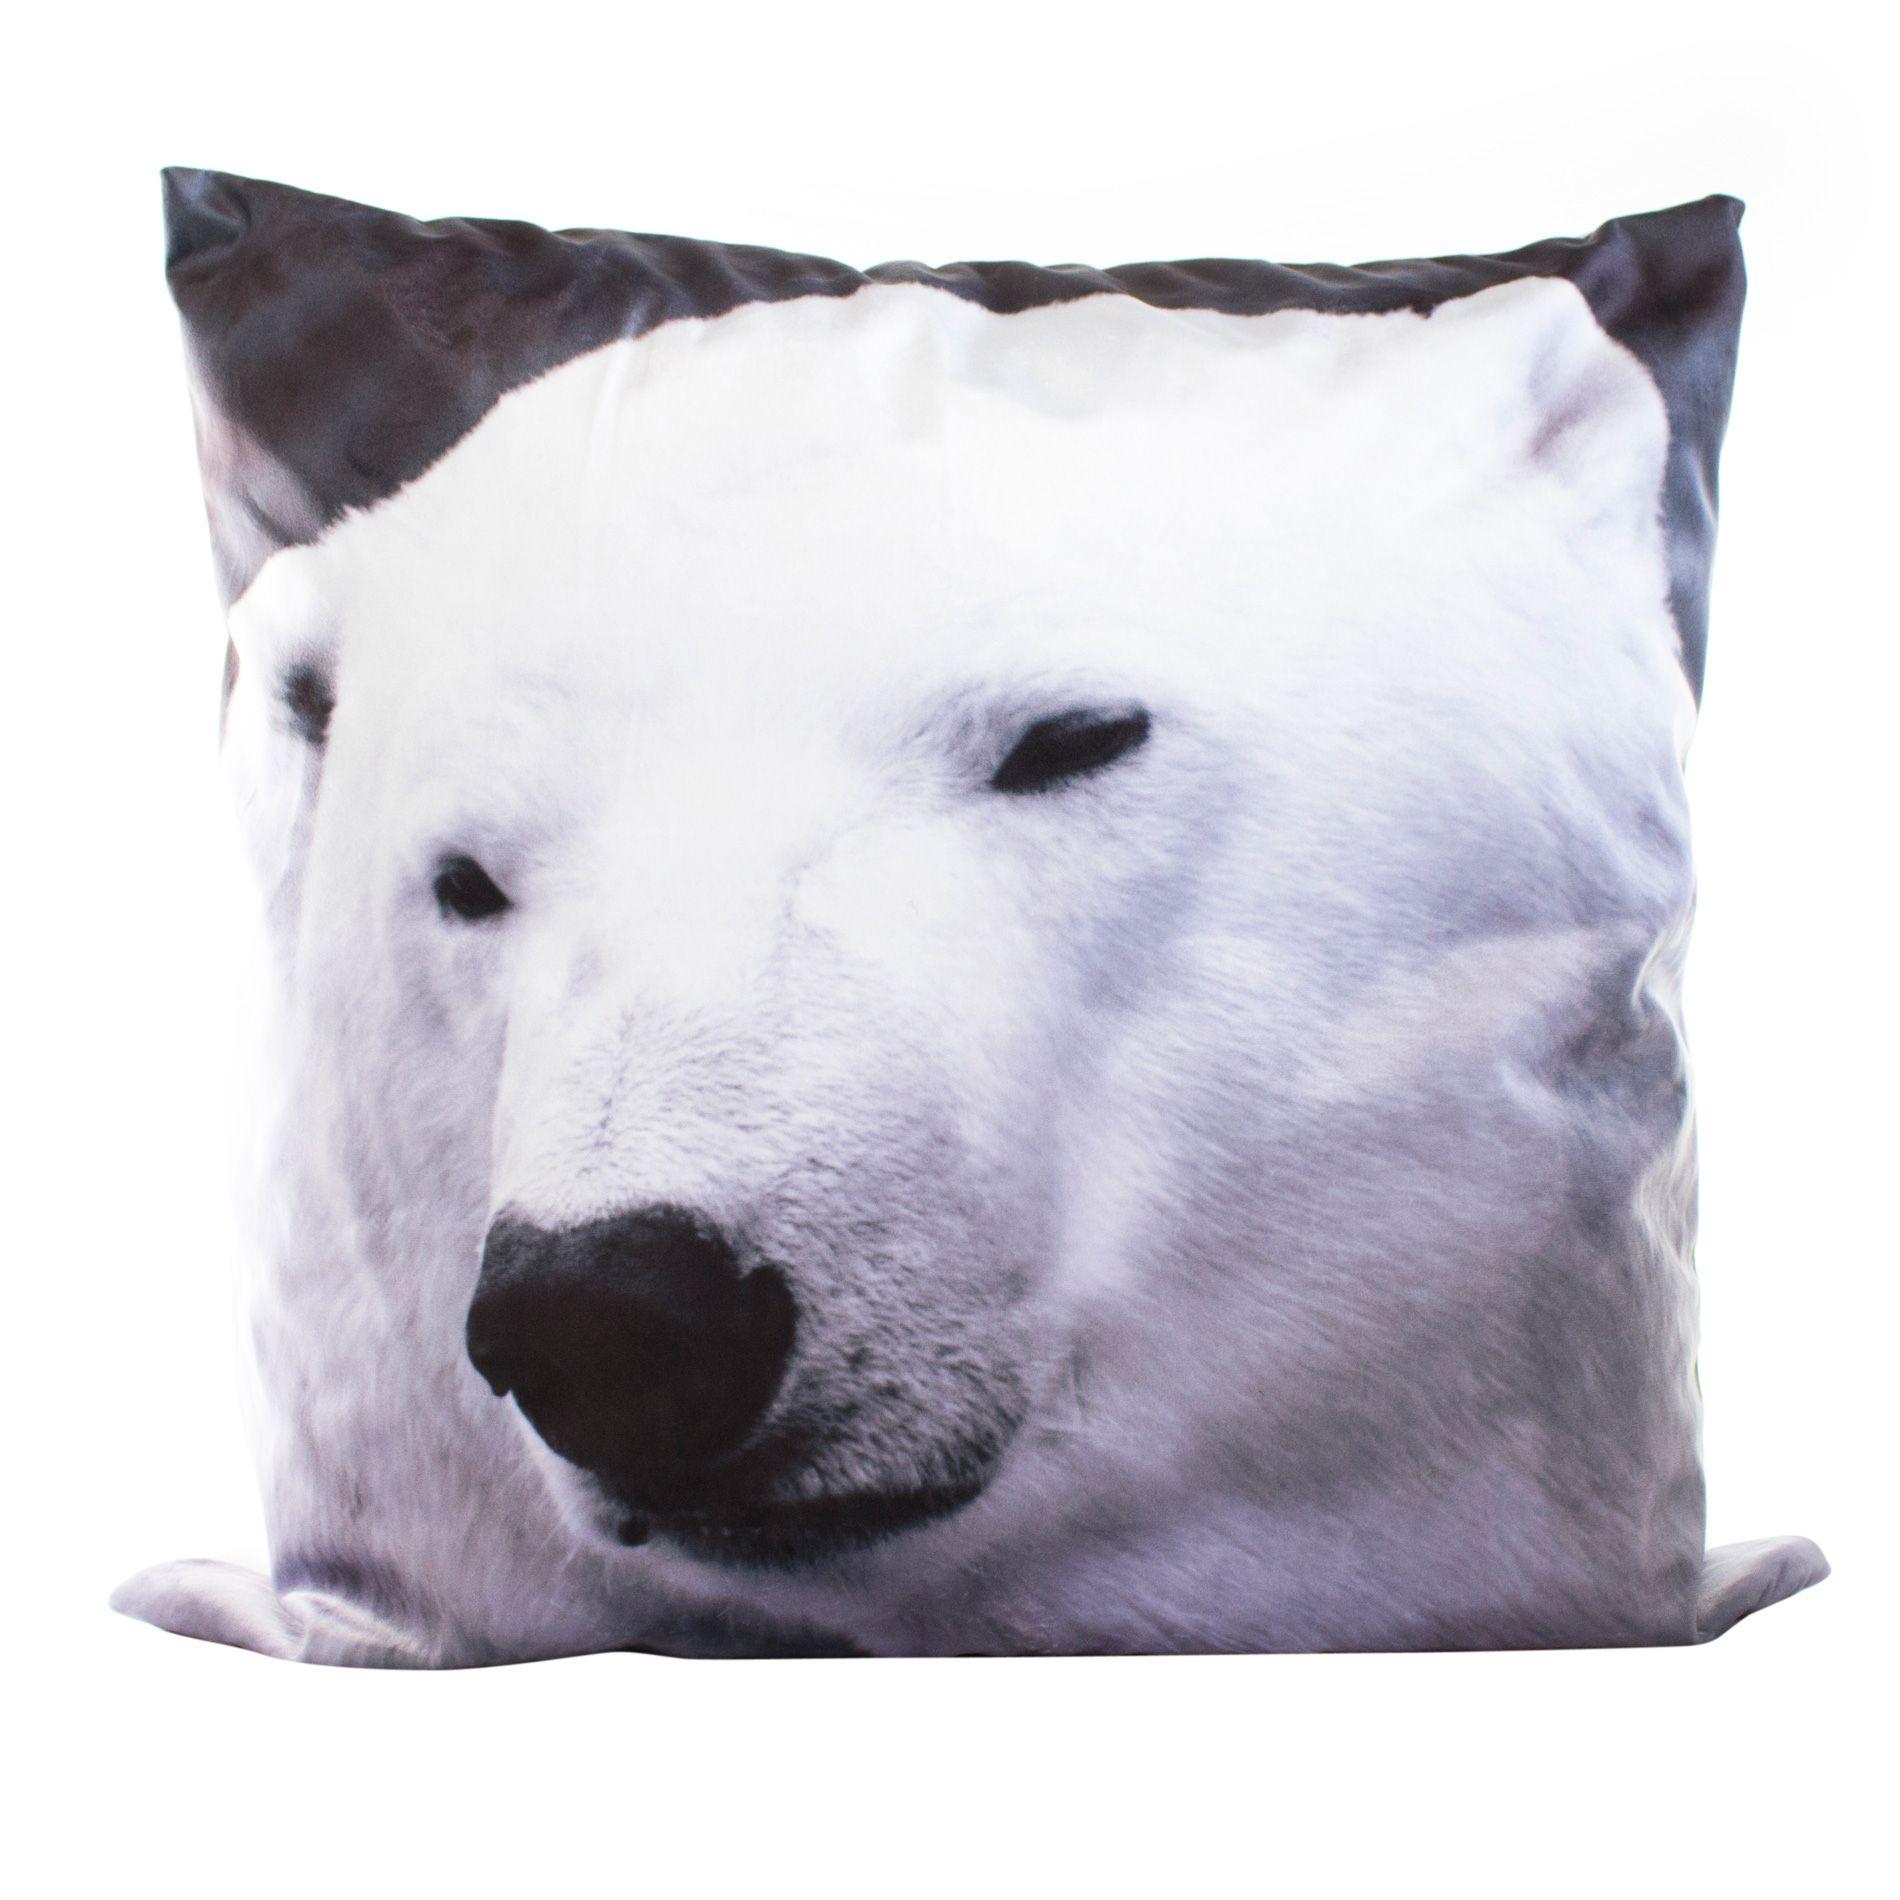 coussin poils longs 60 cm preston blanc coussin et housse de coussin eminza. Black Bedroom Furniture Sets. Home Design Ideas